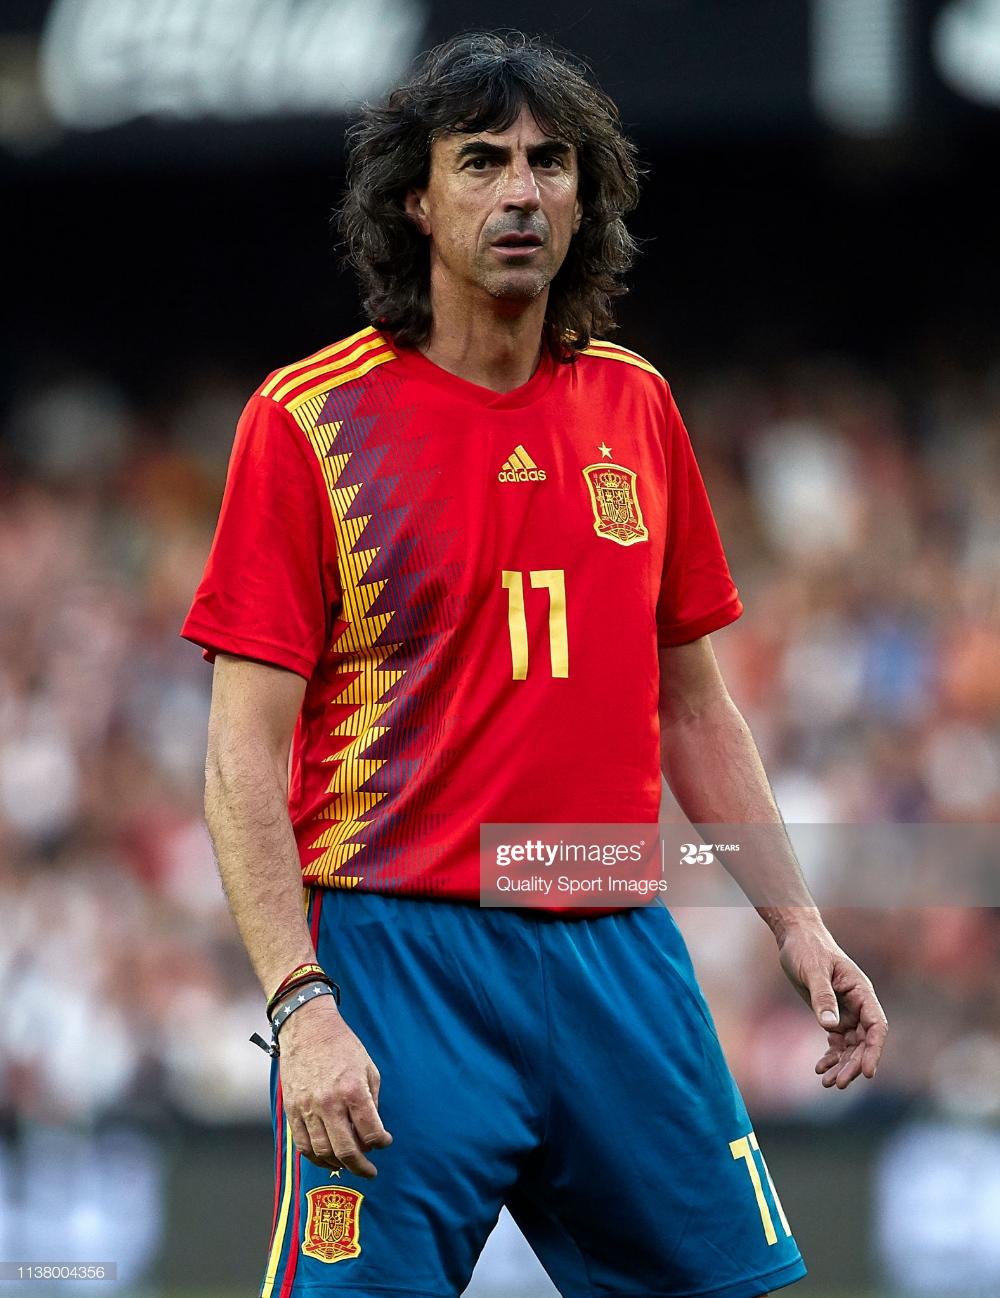 News Photo Jose Emilio Amavisca Of Spain Legends Looks On Legend Emilio That Look